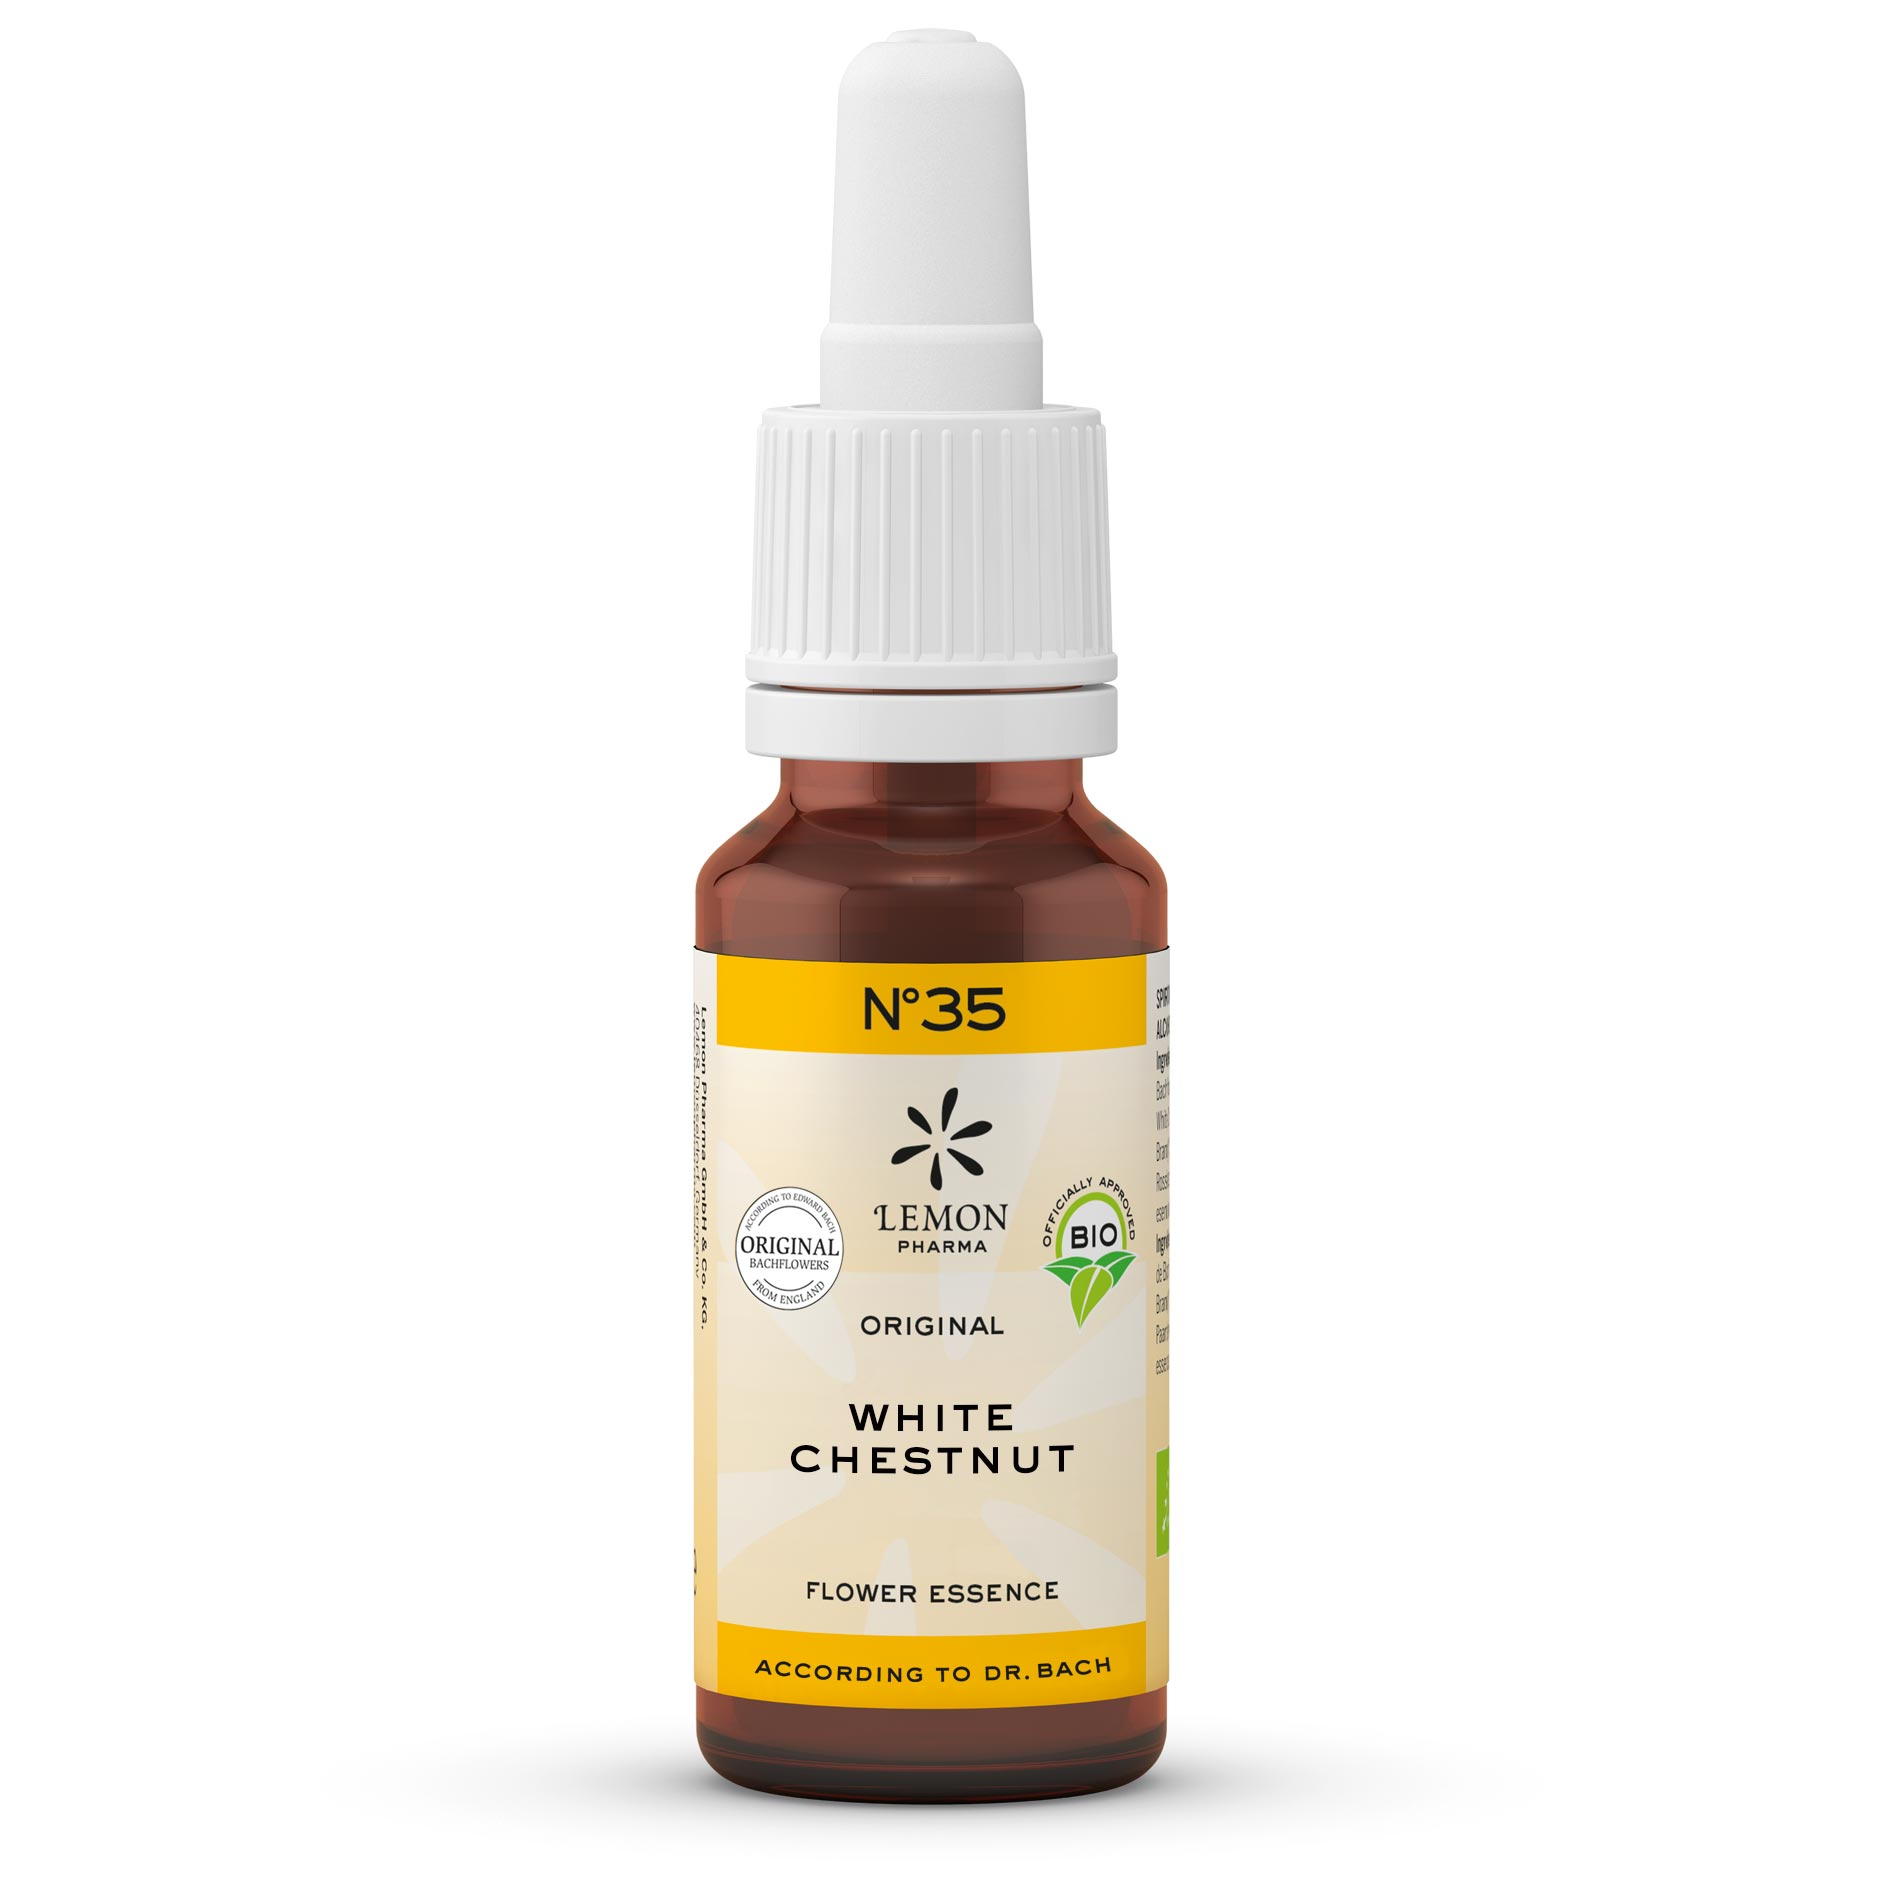 Gotas Flores de Bach Lemon Pharma Original Nº 35 White Chestnut Castaño de Indias Silencio Pensativo